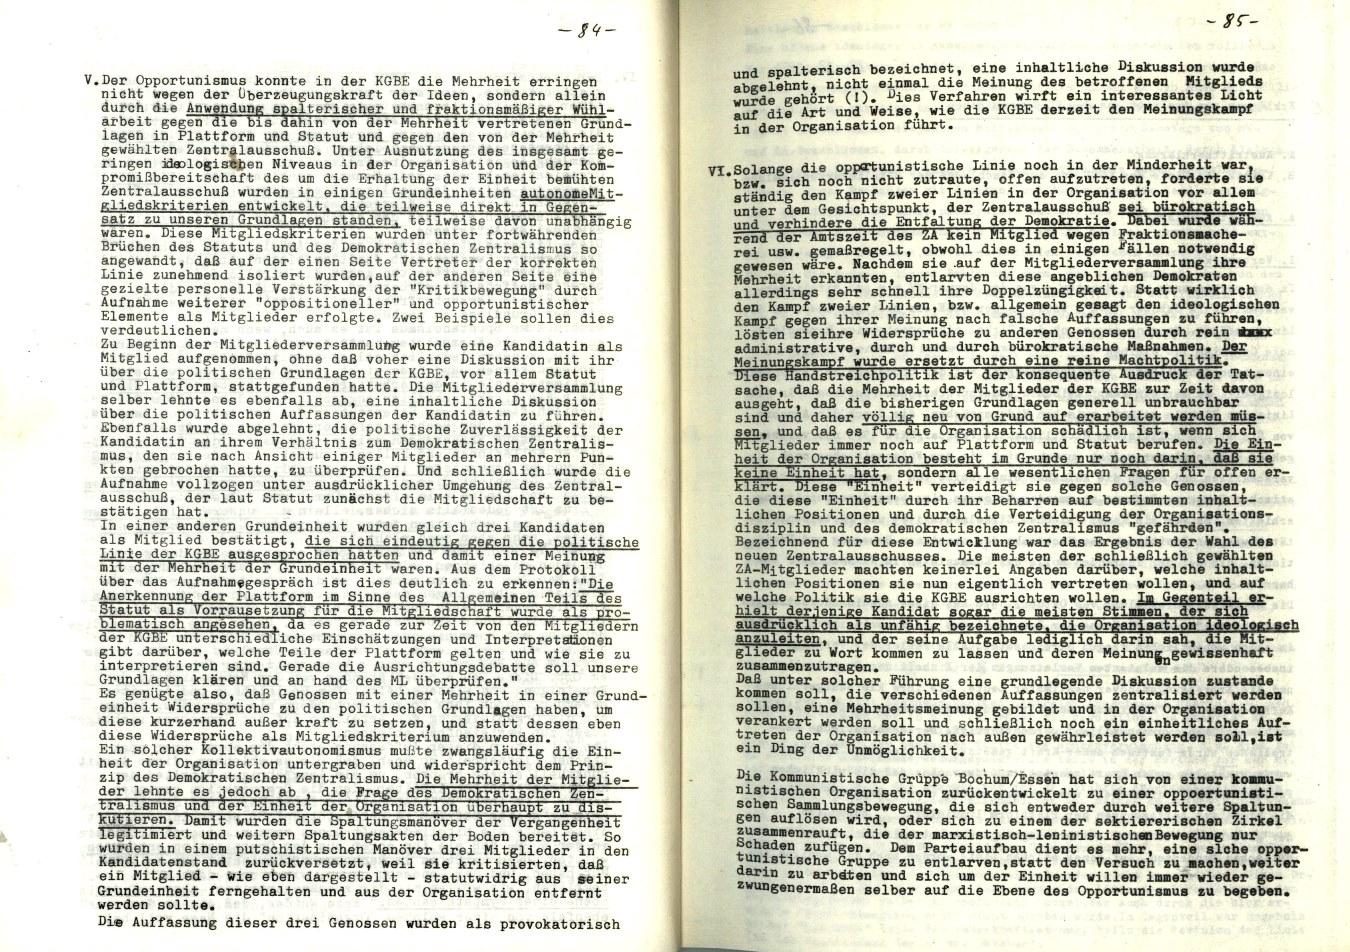 KGBE_Ehemalige_1977_Kritik_an_der_KGBE_46